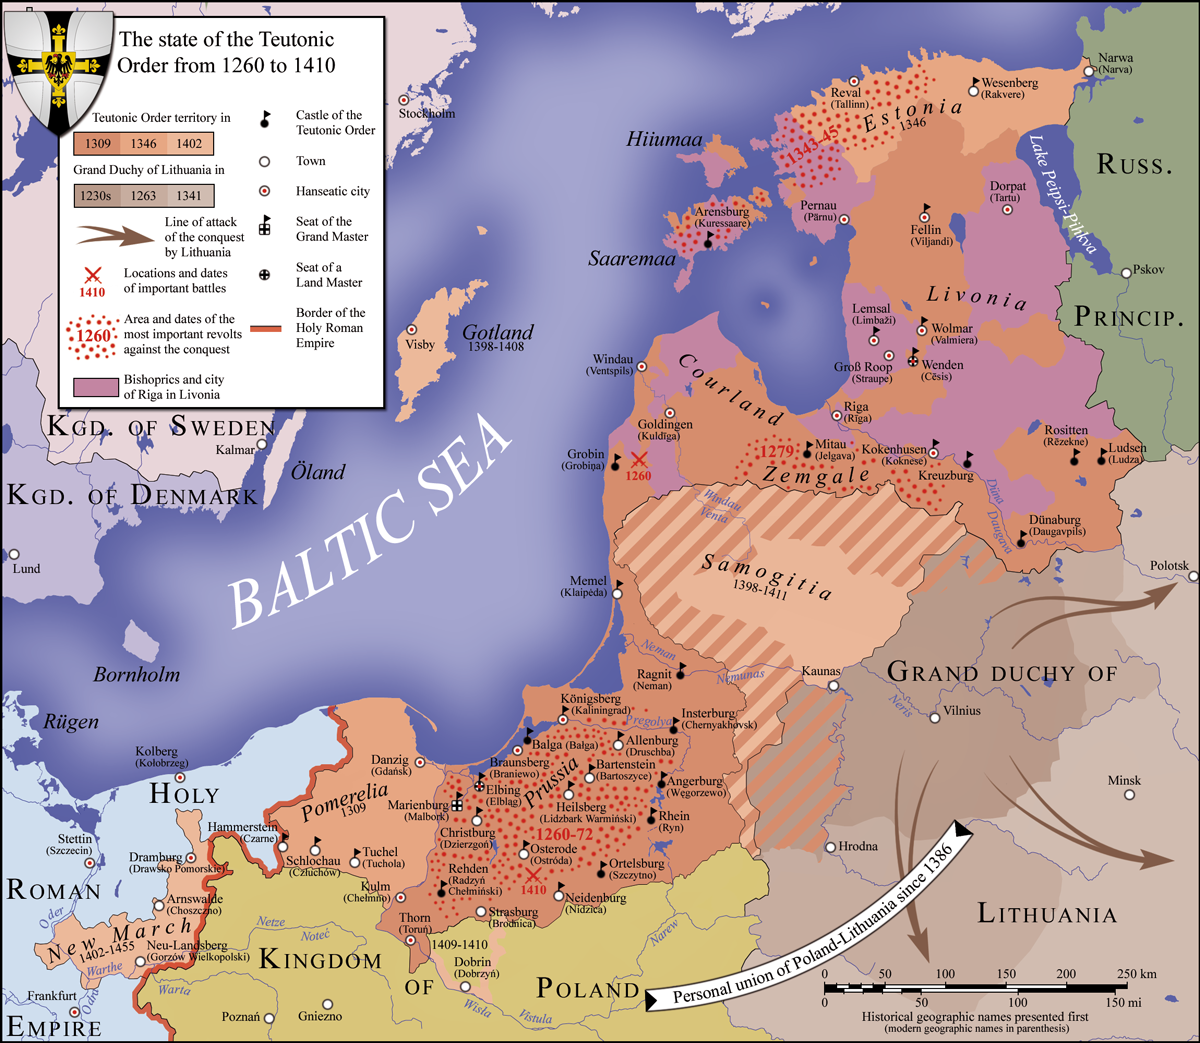 Cavaleiros Teutônicos em 1410